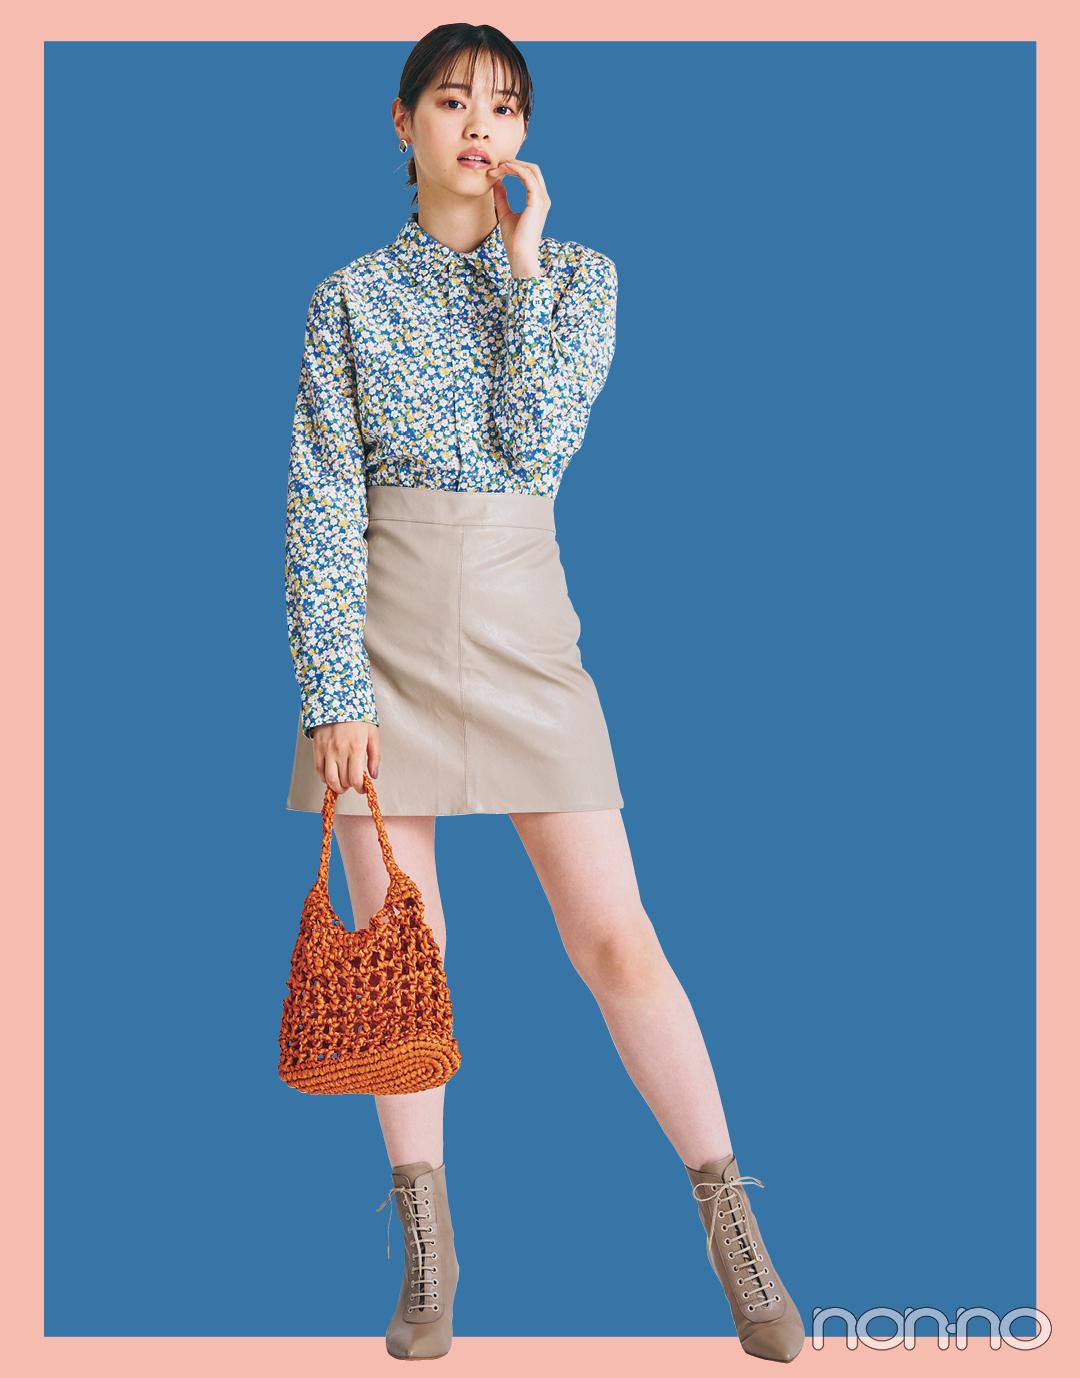 【2021年ファッショントレンド vol.10】今年の春はミニボトムで可愛さ倍増♡_1_3